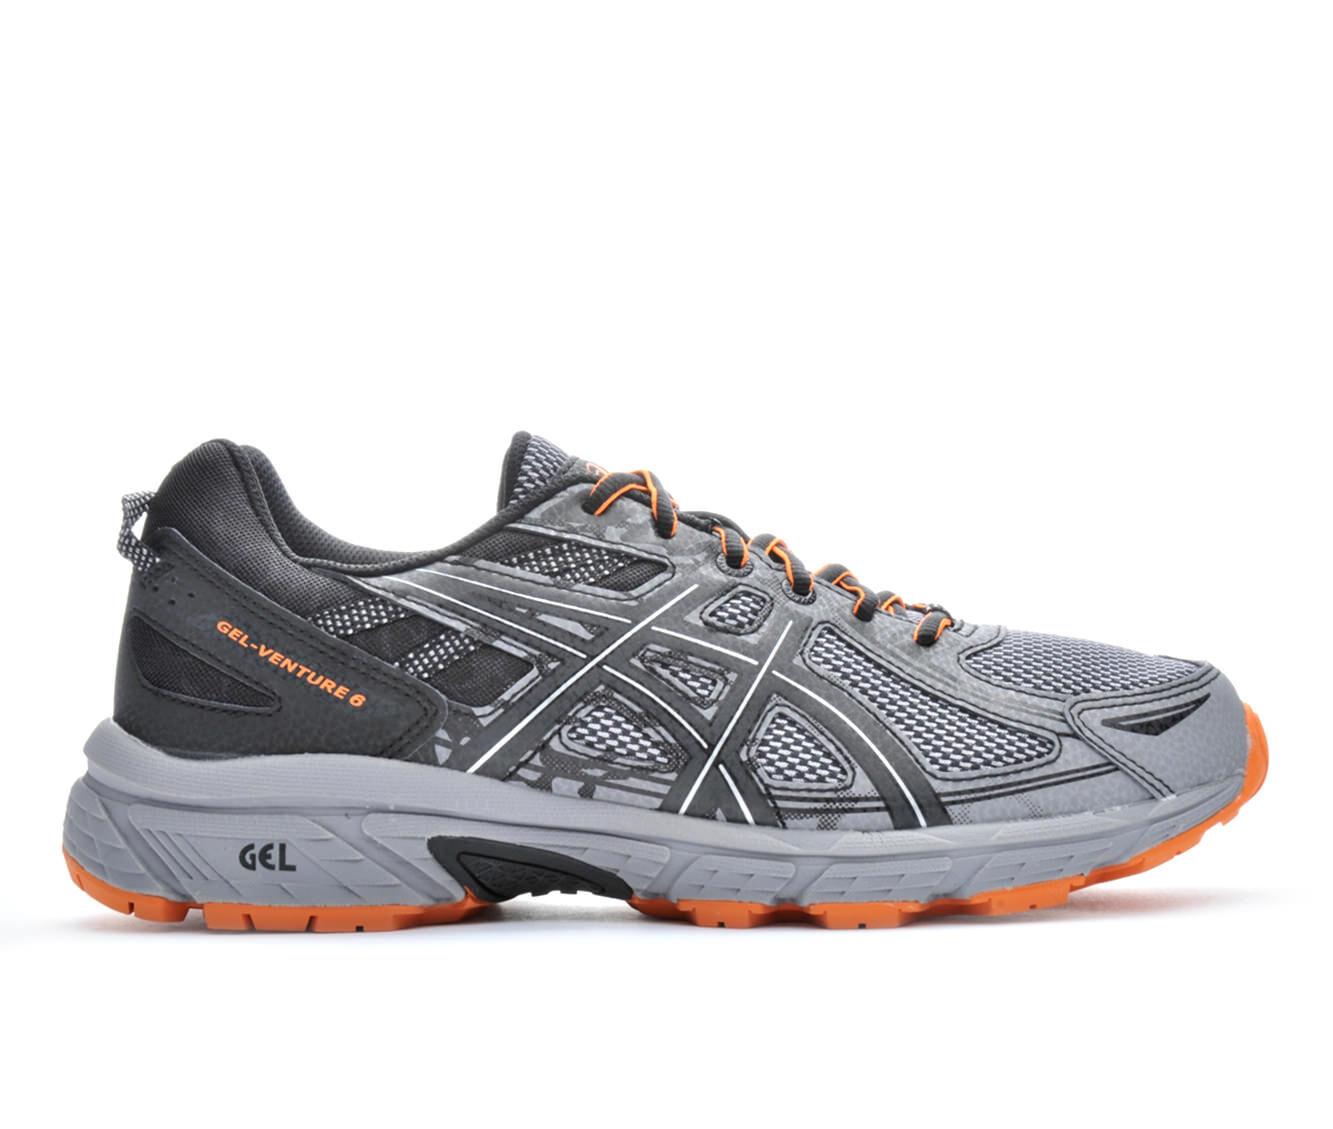 Acheter des 15561 chaussures des asics dayton dayton ohio 4d0b2c9 - wartrol.website